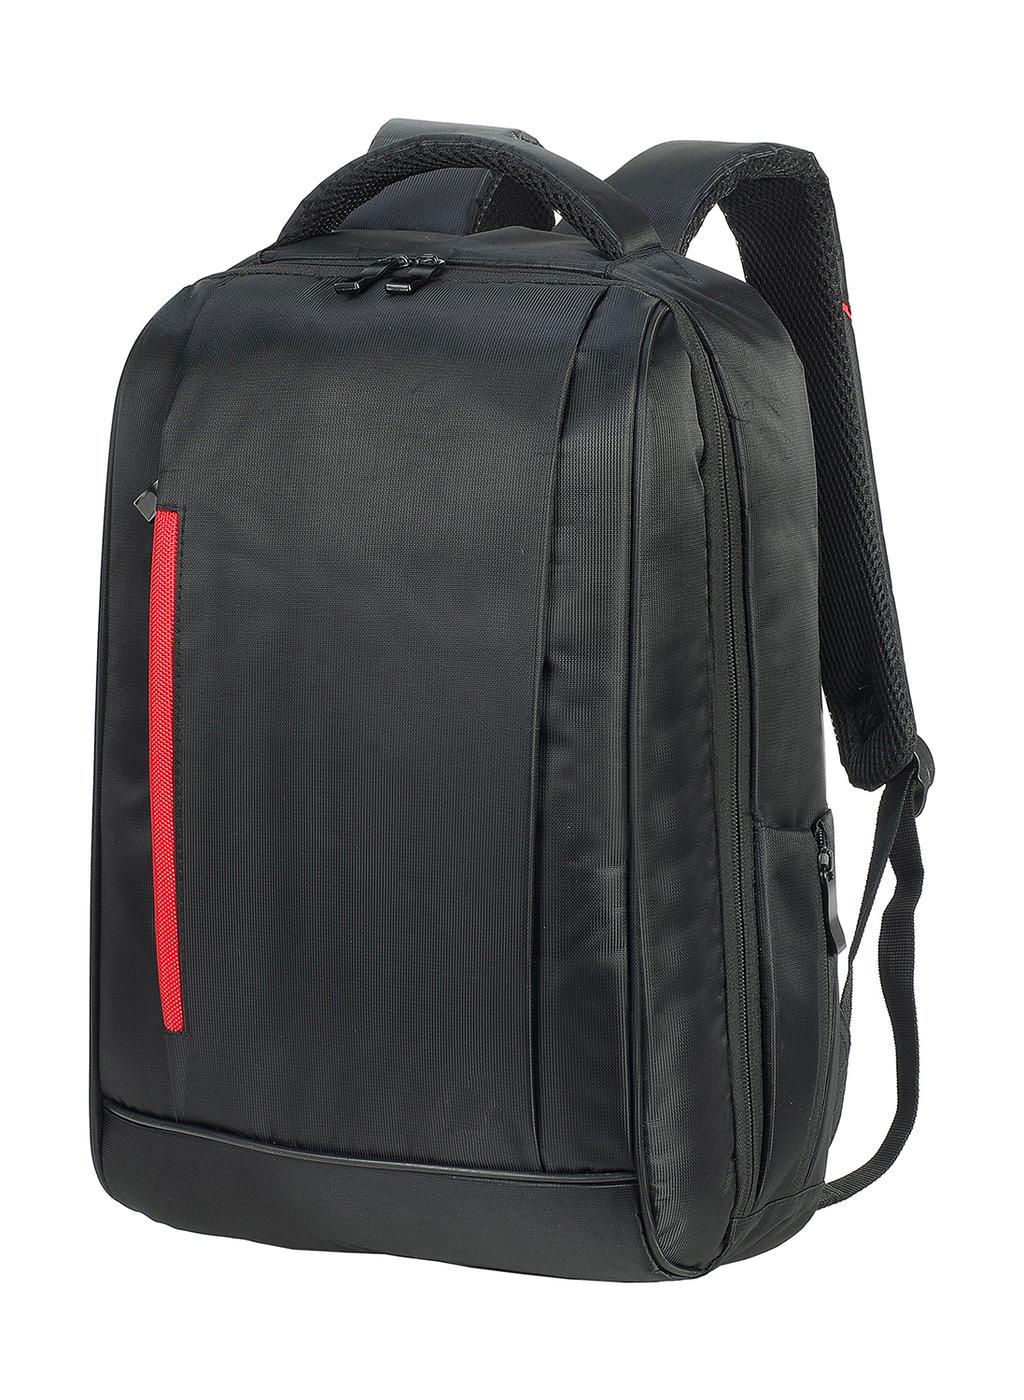 Kiel Urban Laptop Backpack